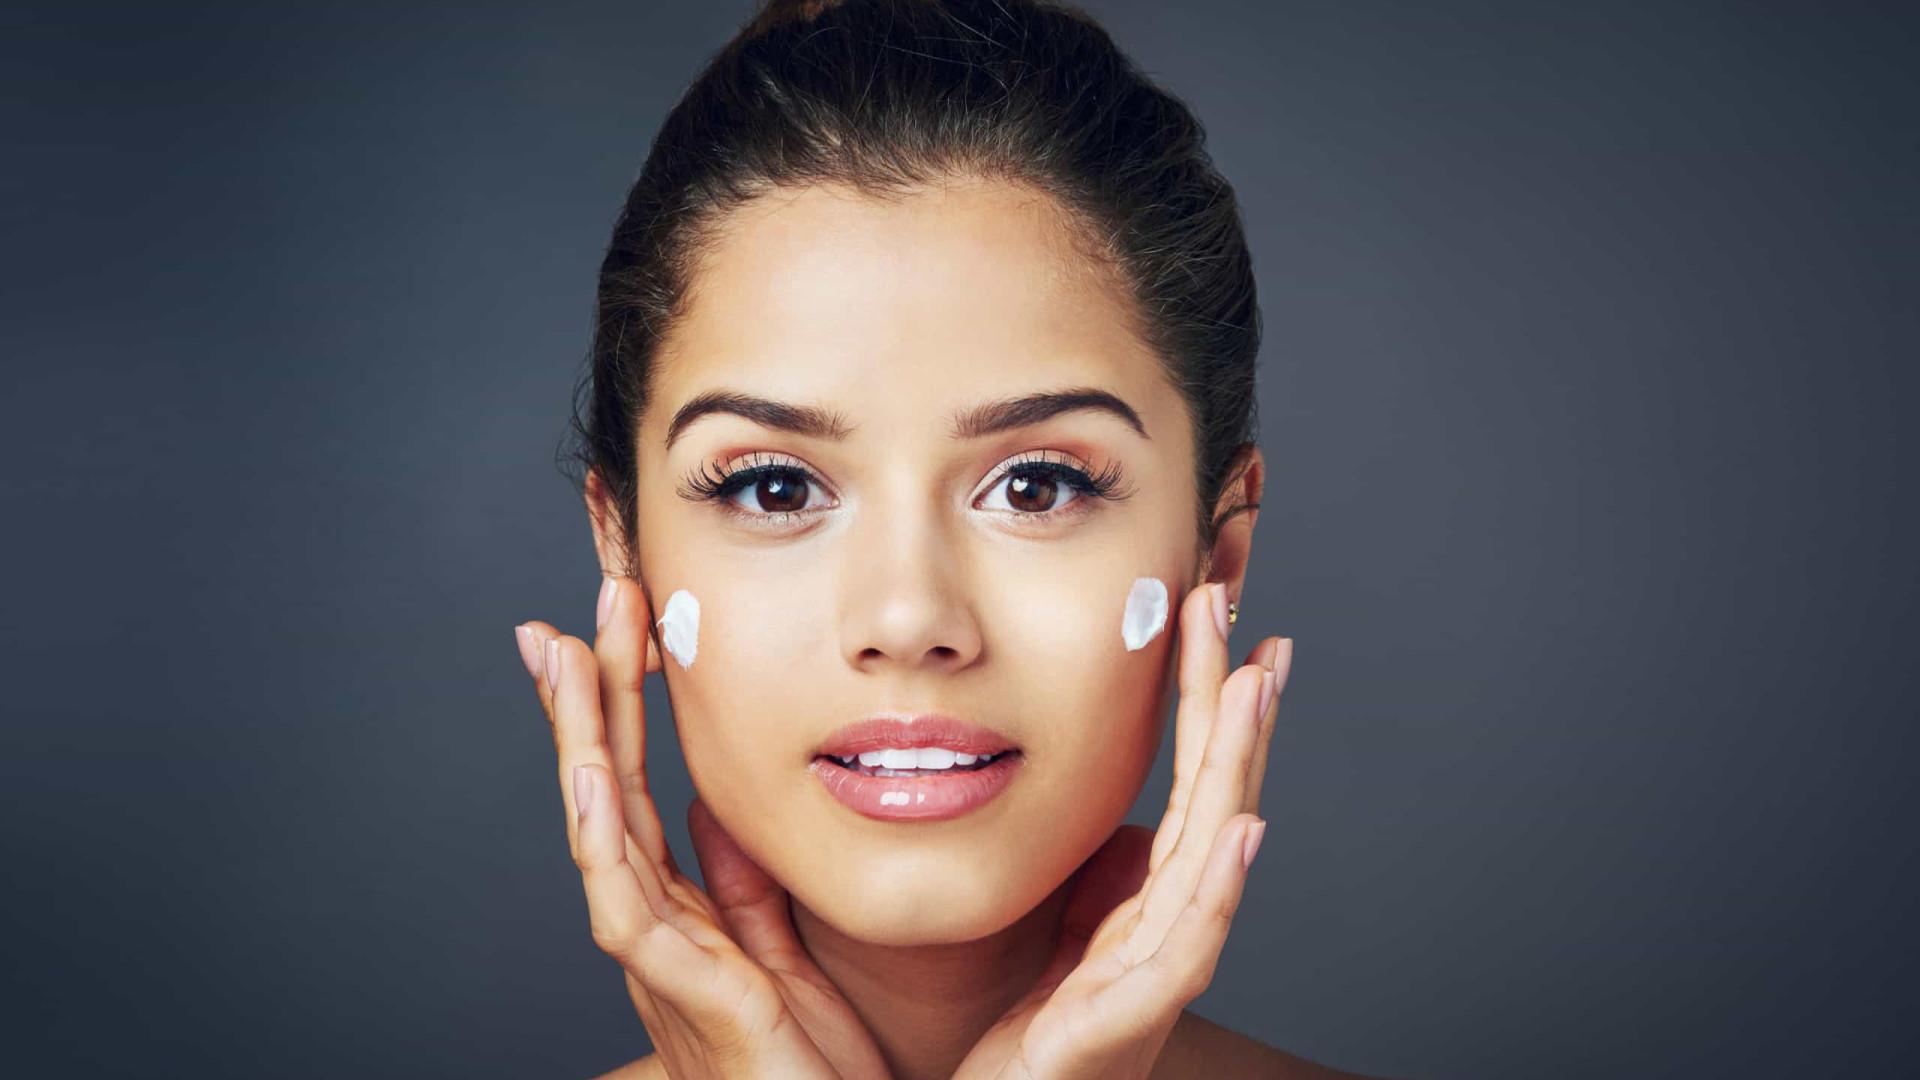 Normal, seca, mista ou oleosa. Qual seu tipo de pele?